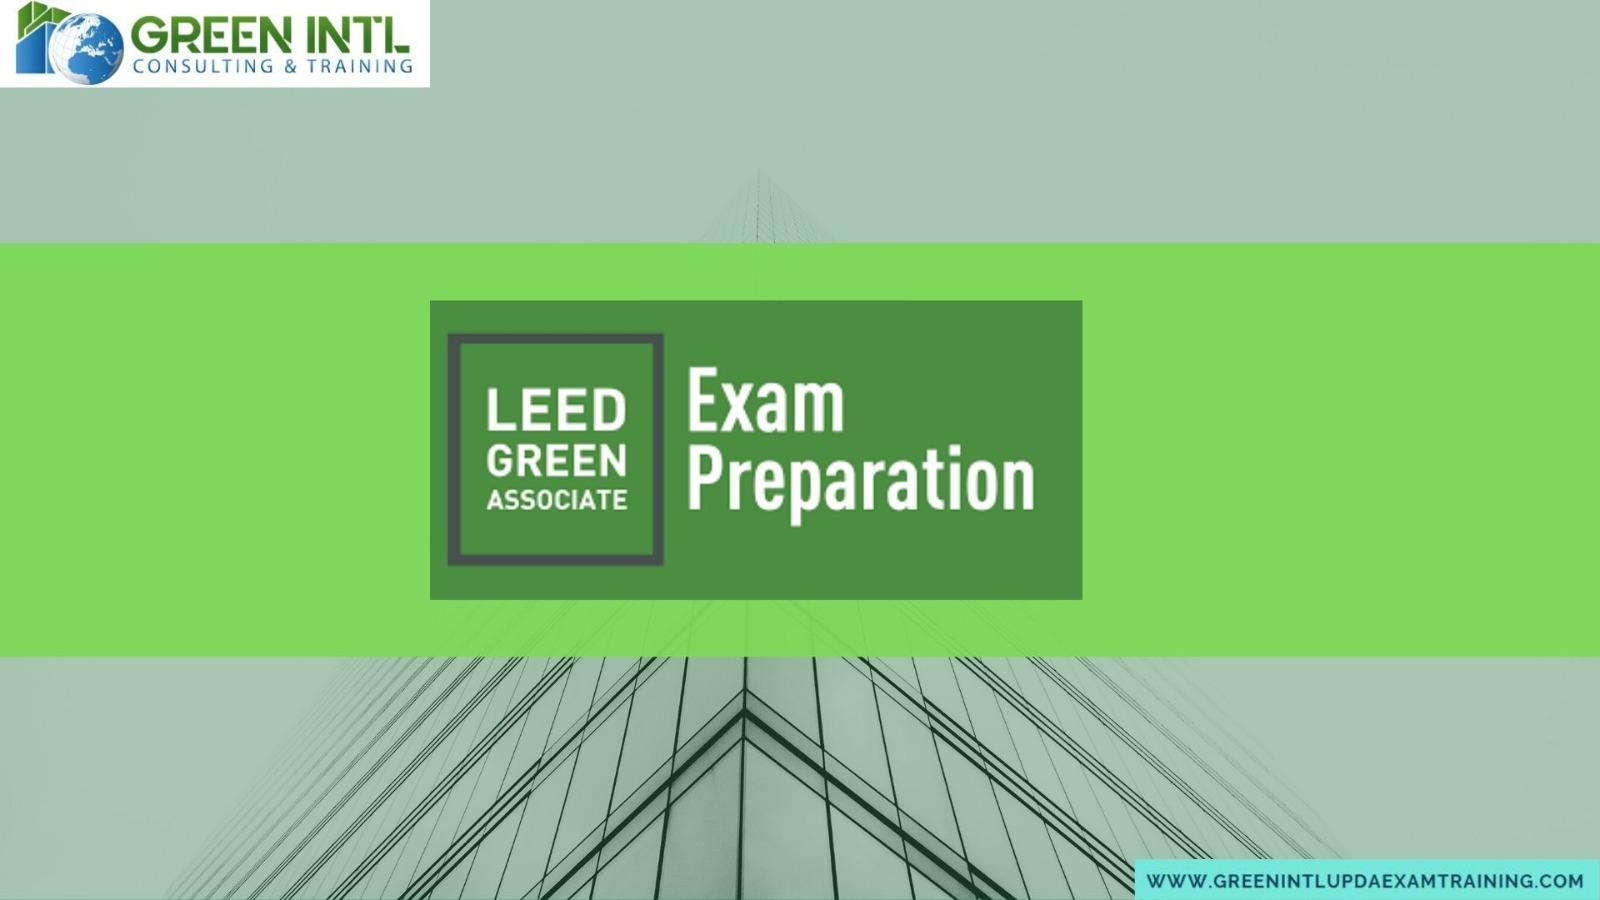 LEED Green Associate (LEED GA)